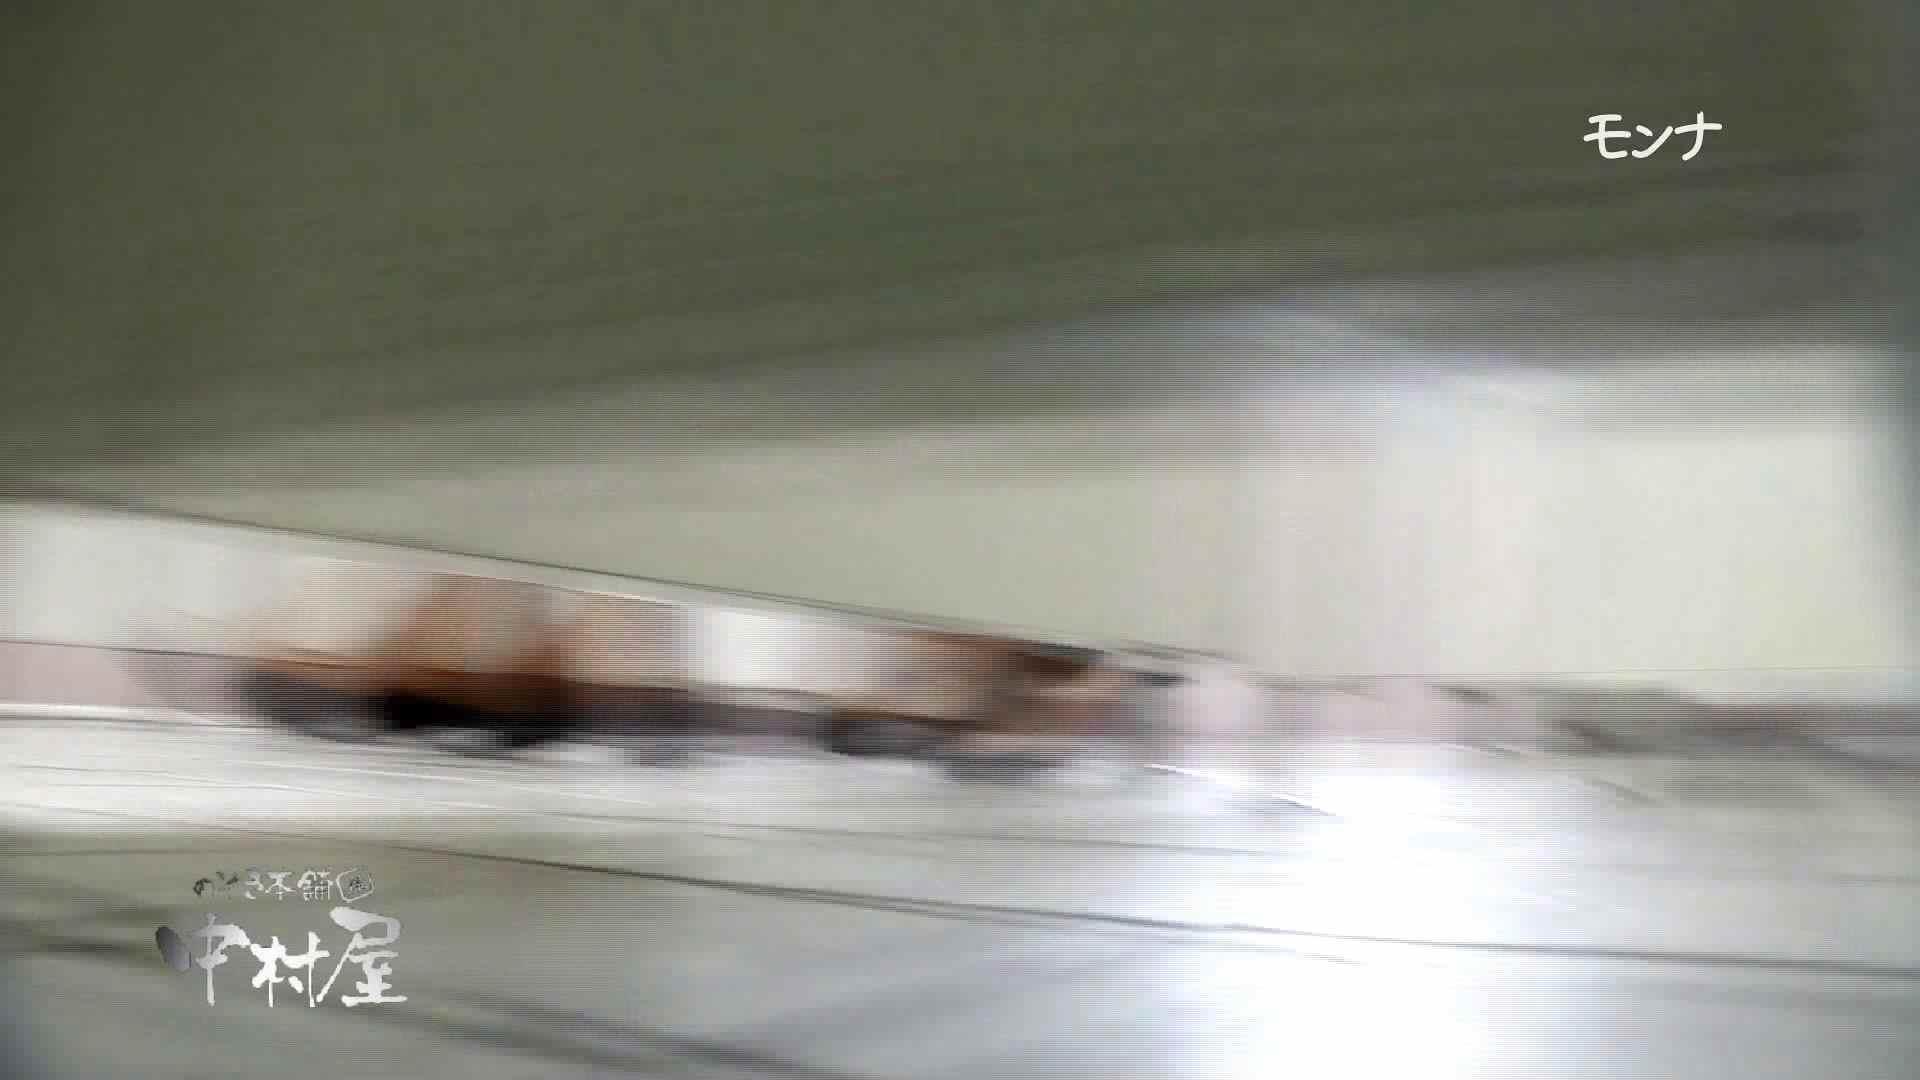 【美しい日本の未来】新学期!!下半身中心に攻めてます美女可愛い女子悪戯盗satuトイレ後編 悪戯 戯れ無修正画像 100PIX 75